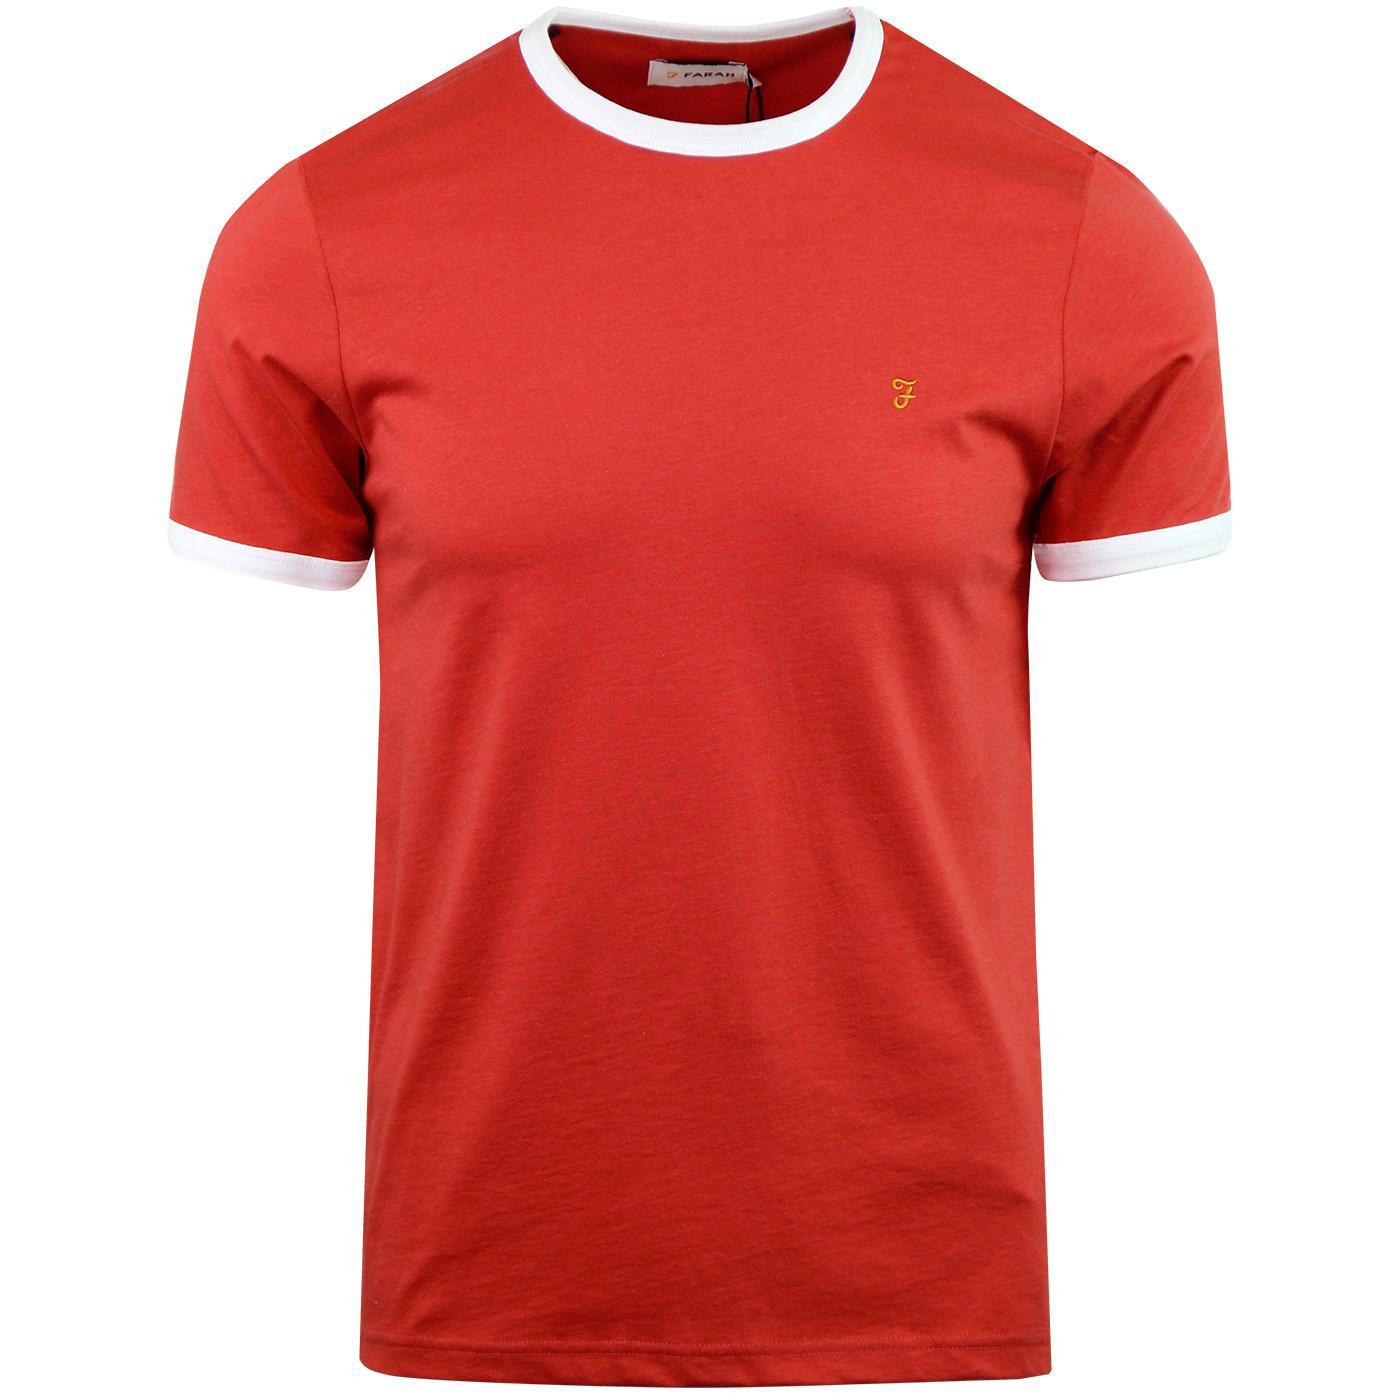 Groves FARAH Retro Mod Ringer T-shirt - Red Coat